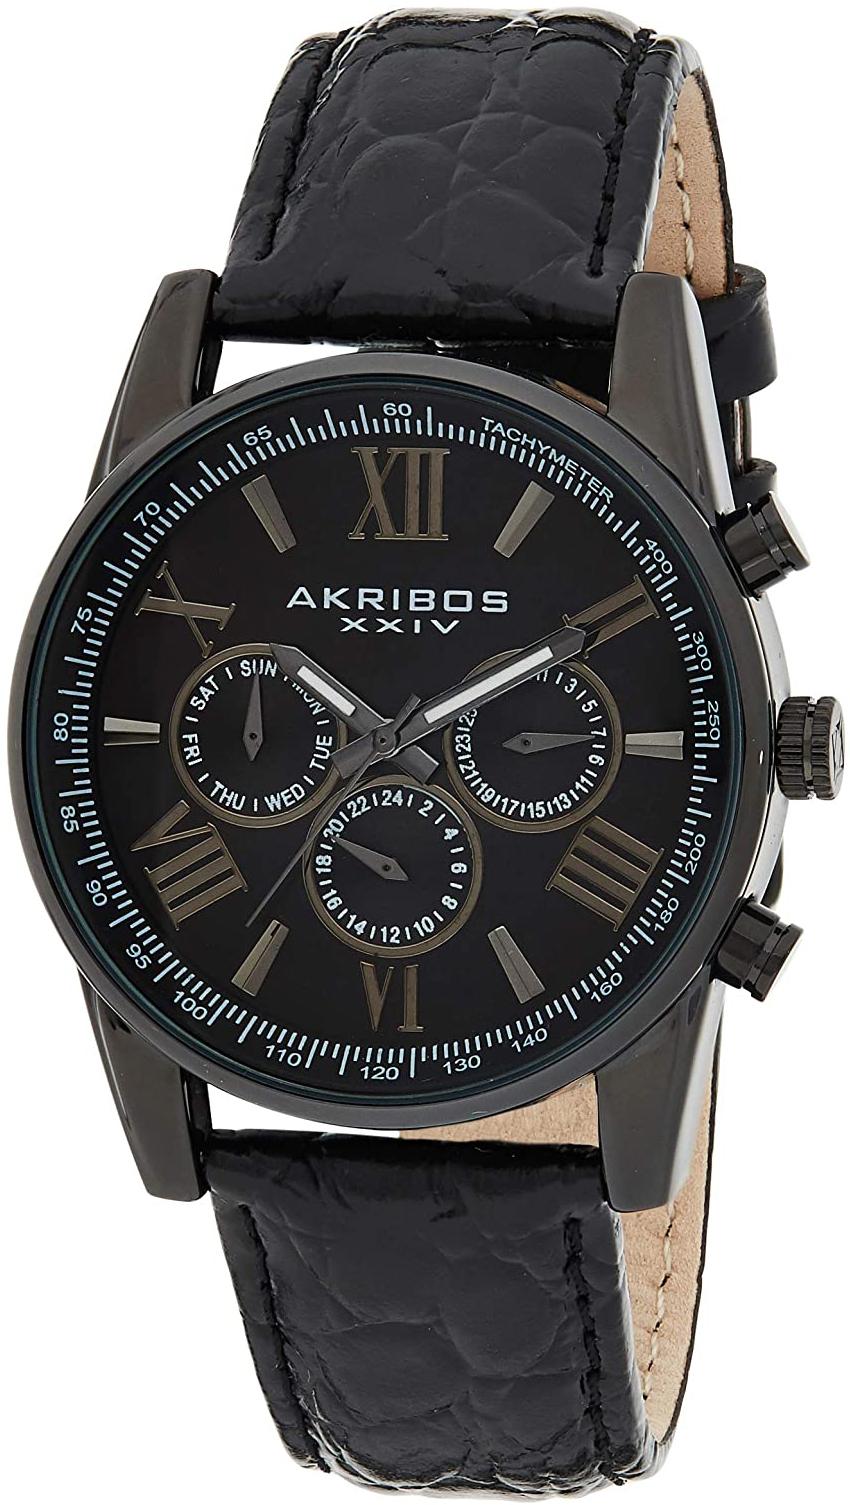 Akribos XXIV Multi-Function Herreklokke AK864BK Sort/Lær Ø41 mm - Akribos XXIV